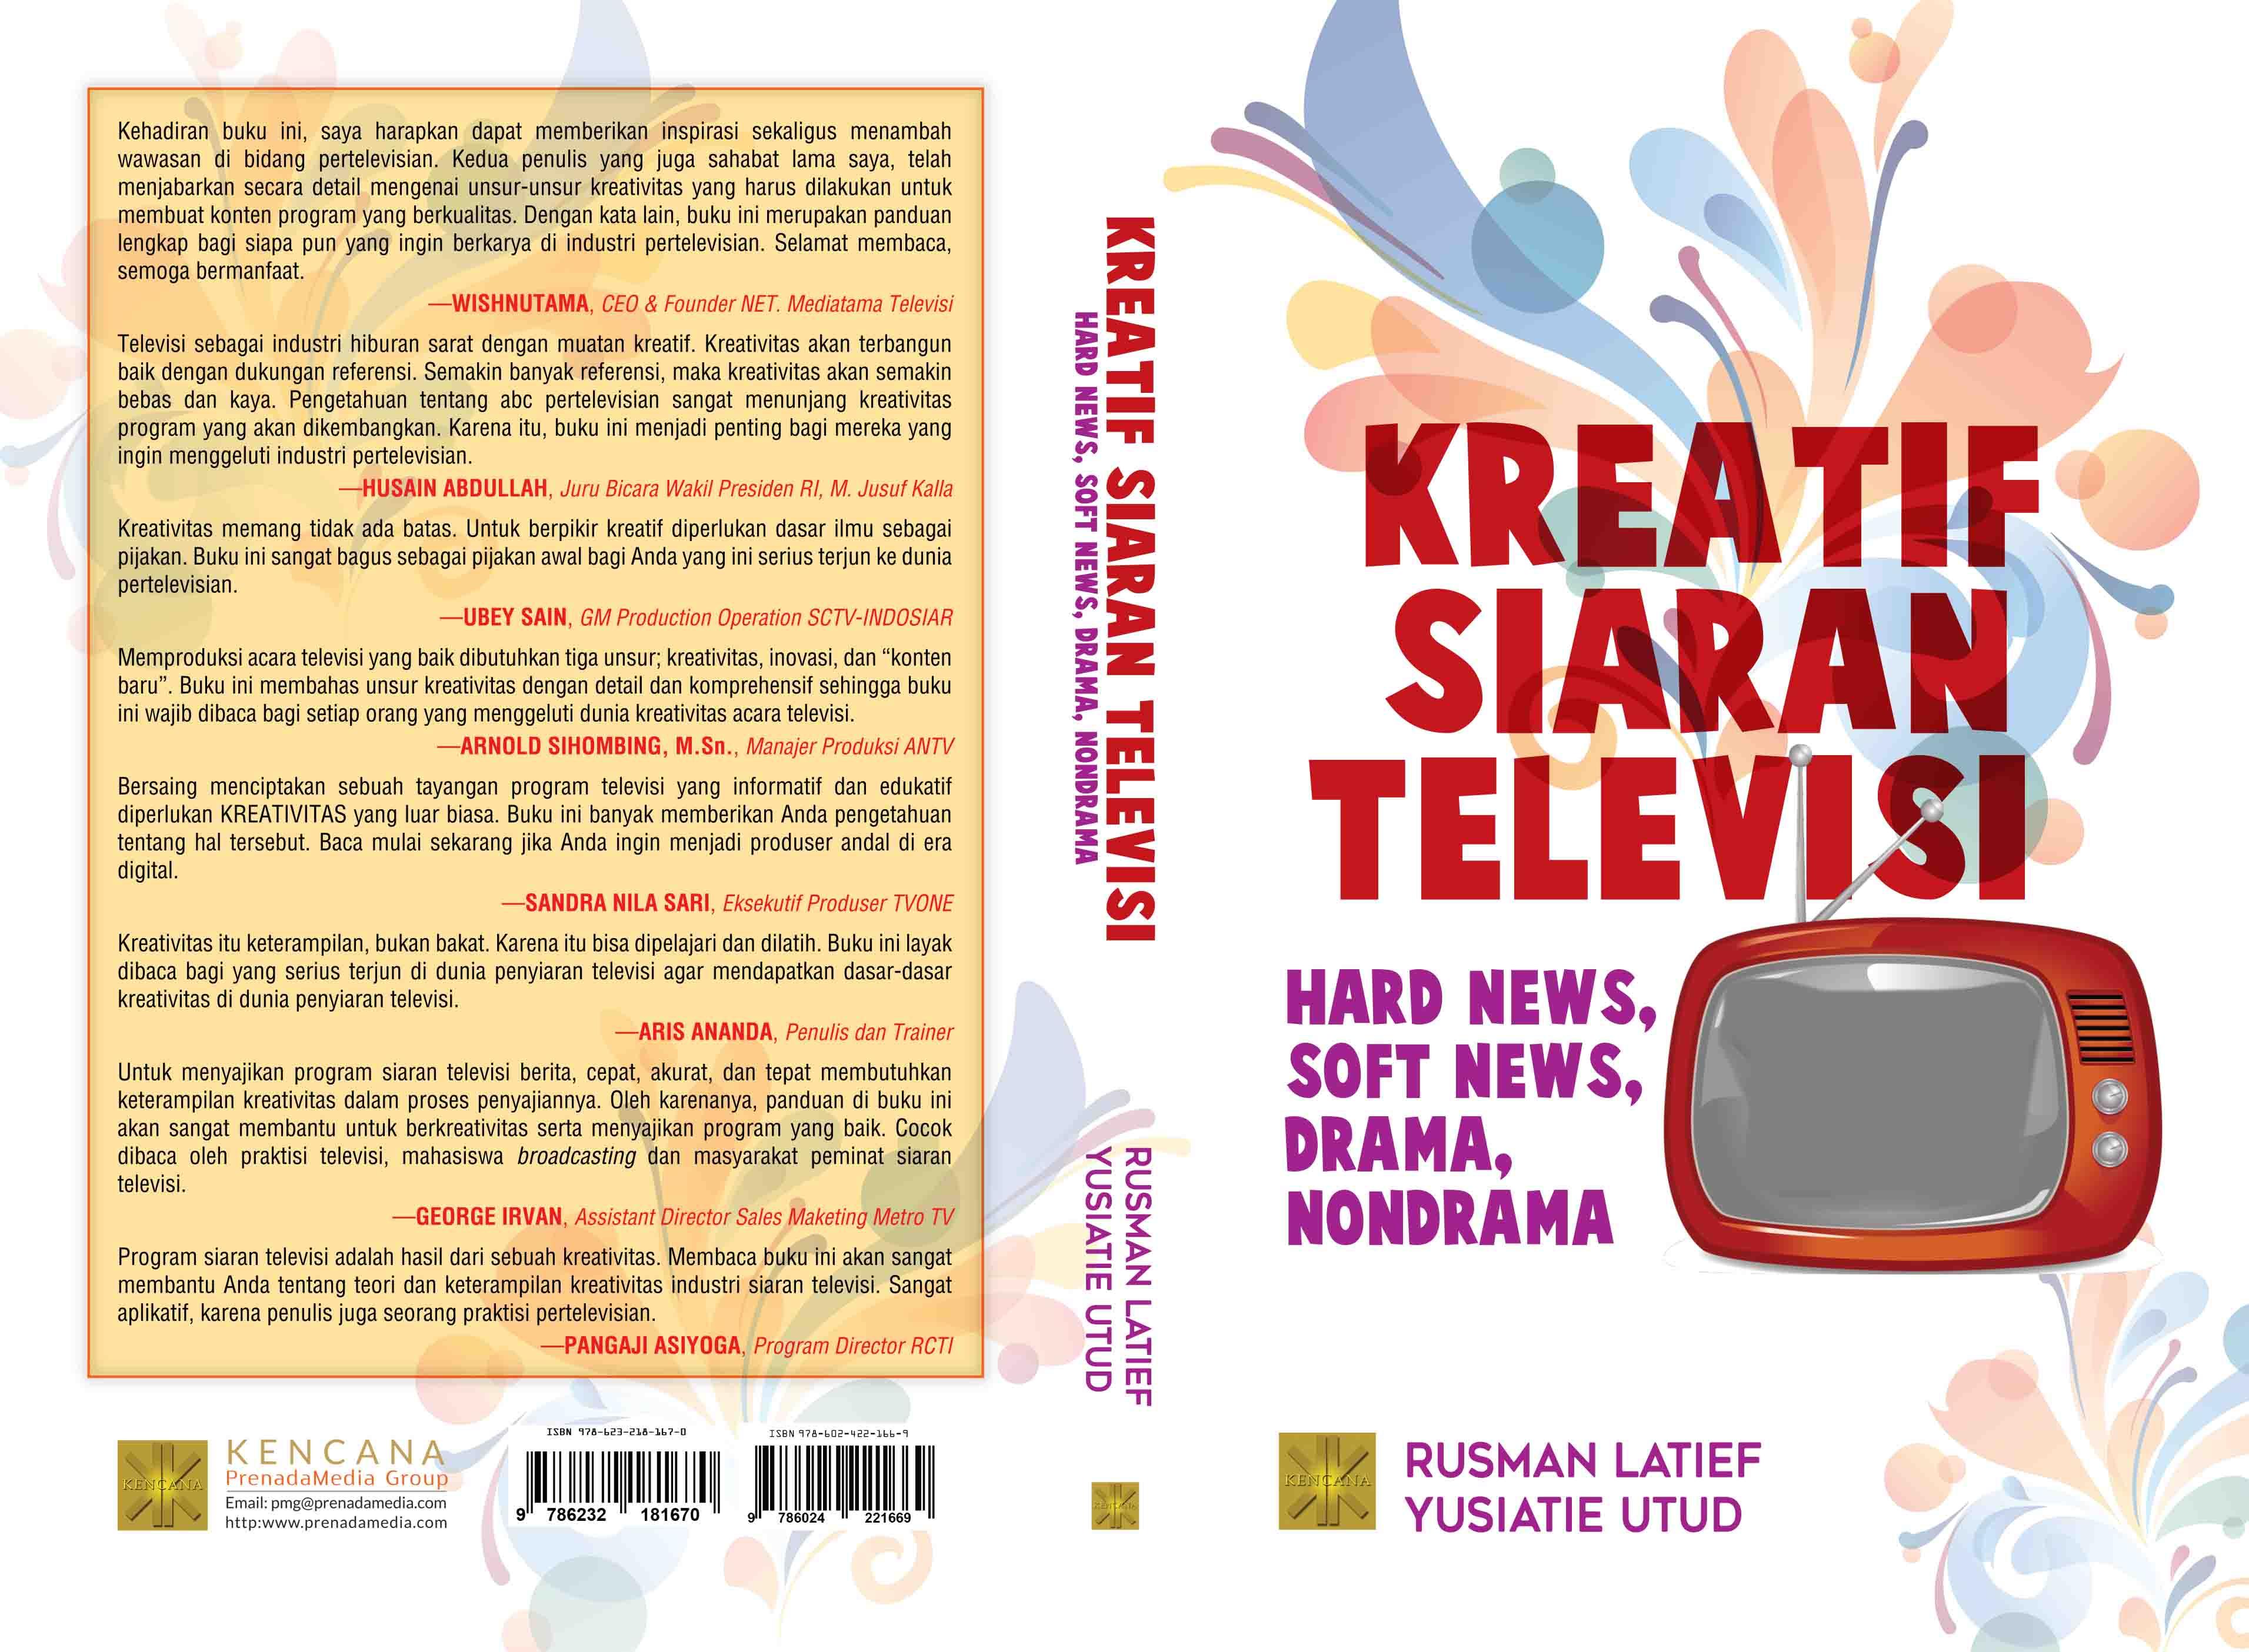 Kreatif siaran televisi [sumber elektronis] : hard news, soft news, drama, non-drama